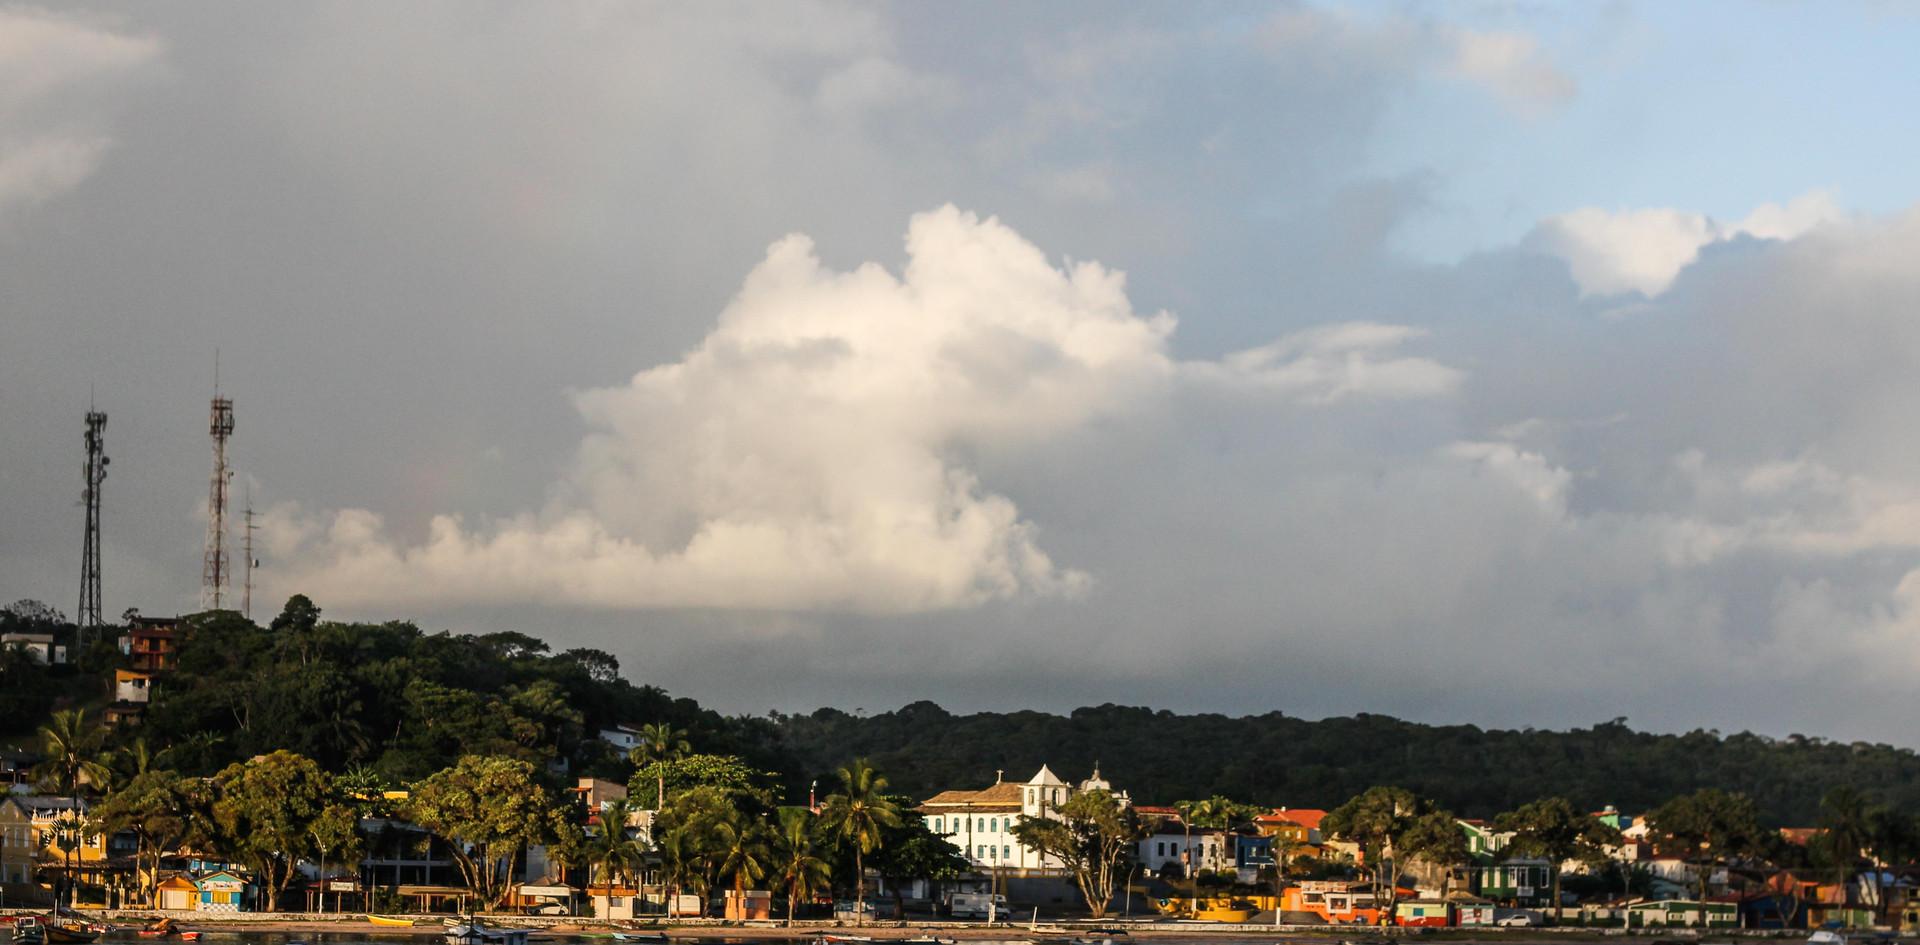 Orla de Itacaré - Praia da Coroinha